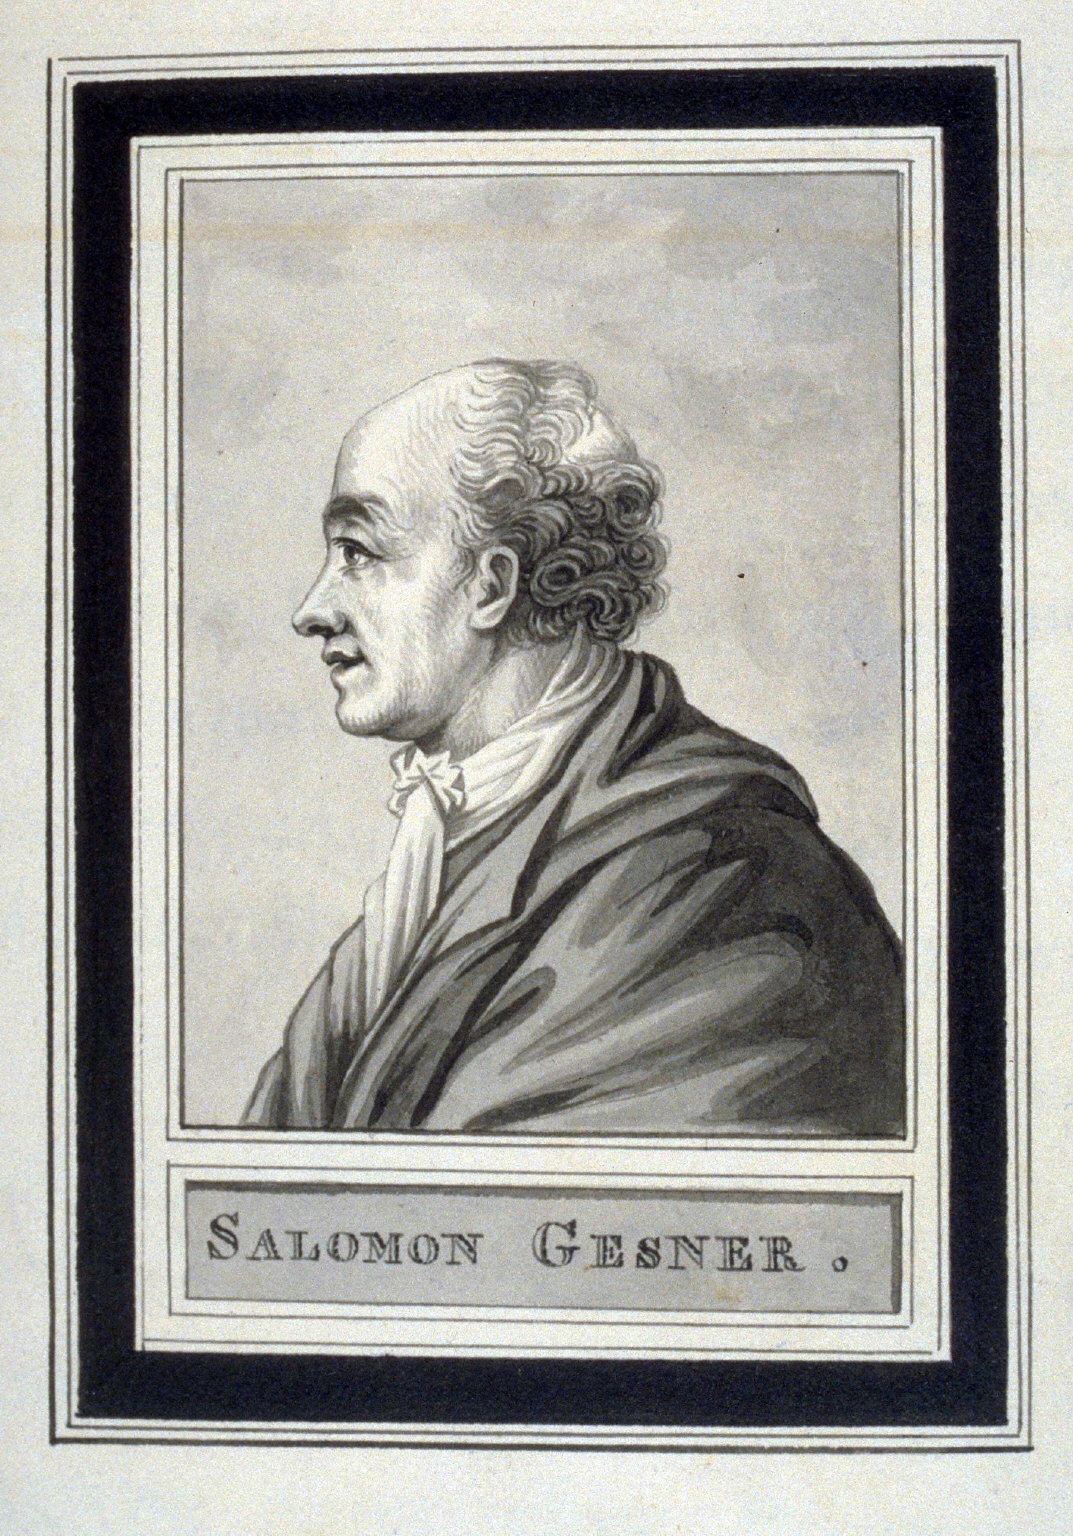 Salomon Gesner, page 202 of the book, Mon passe-tems dédié à moi-même , vol.2